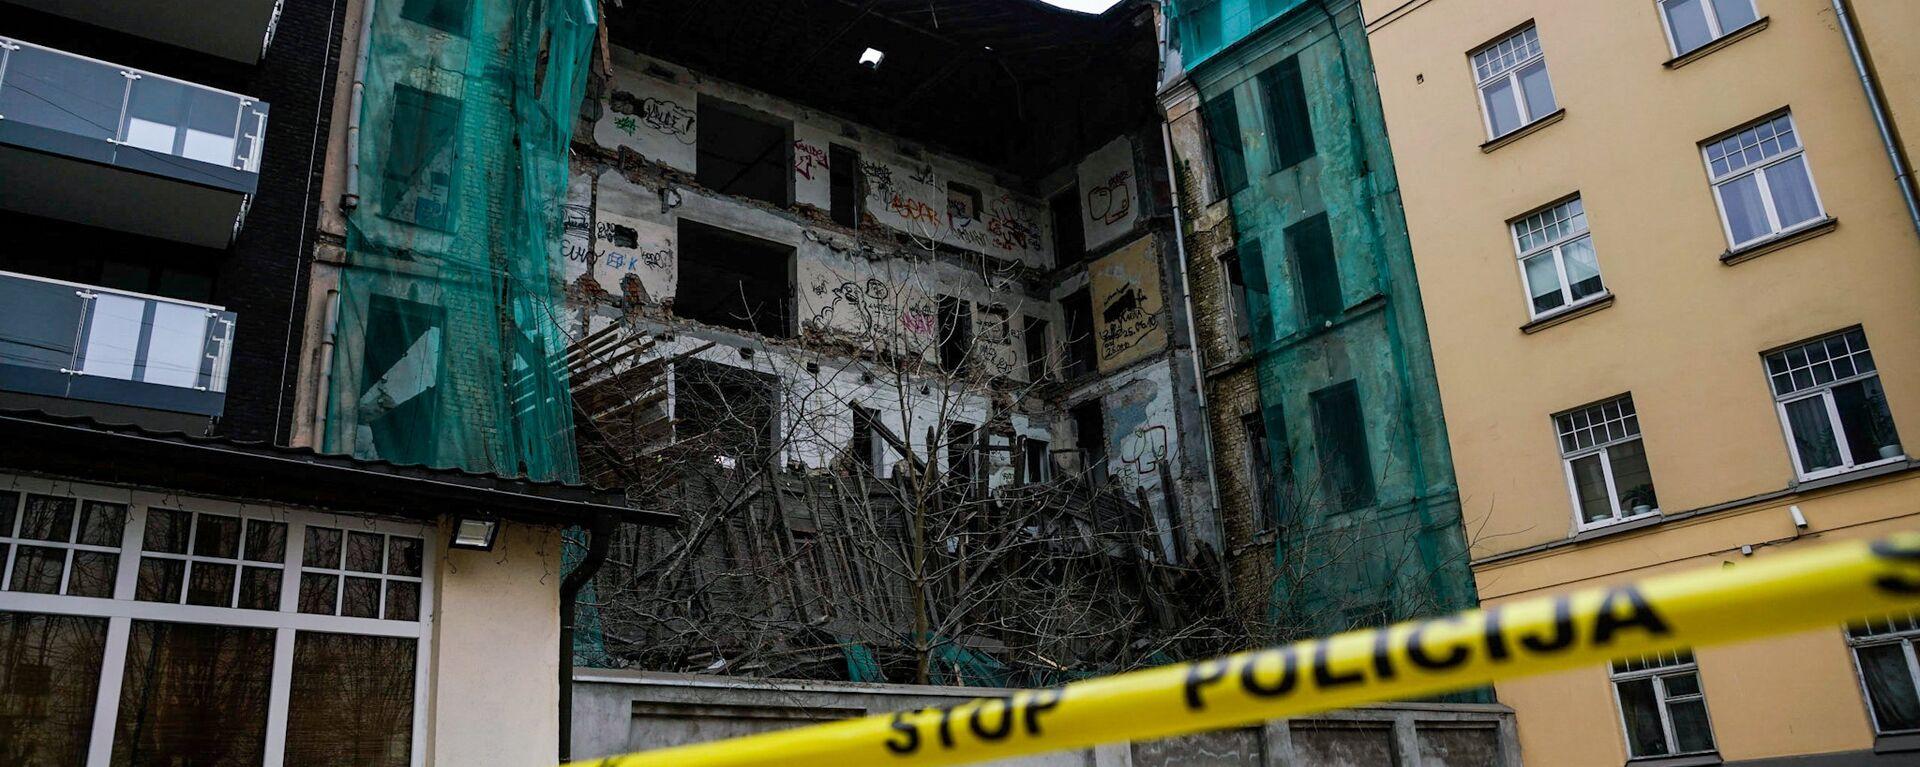 Обрушение здания в центре Риги - Sputnik Латвия, 1920, 11.12.2017